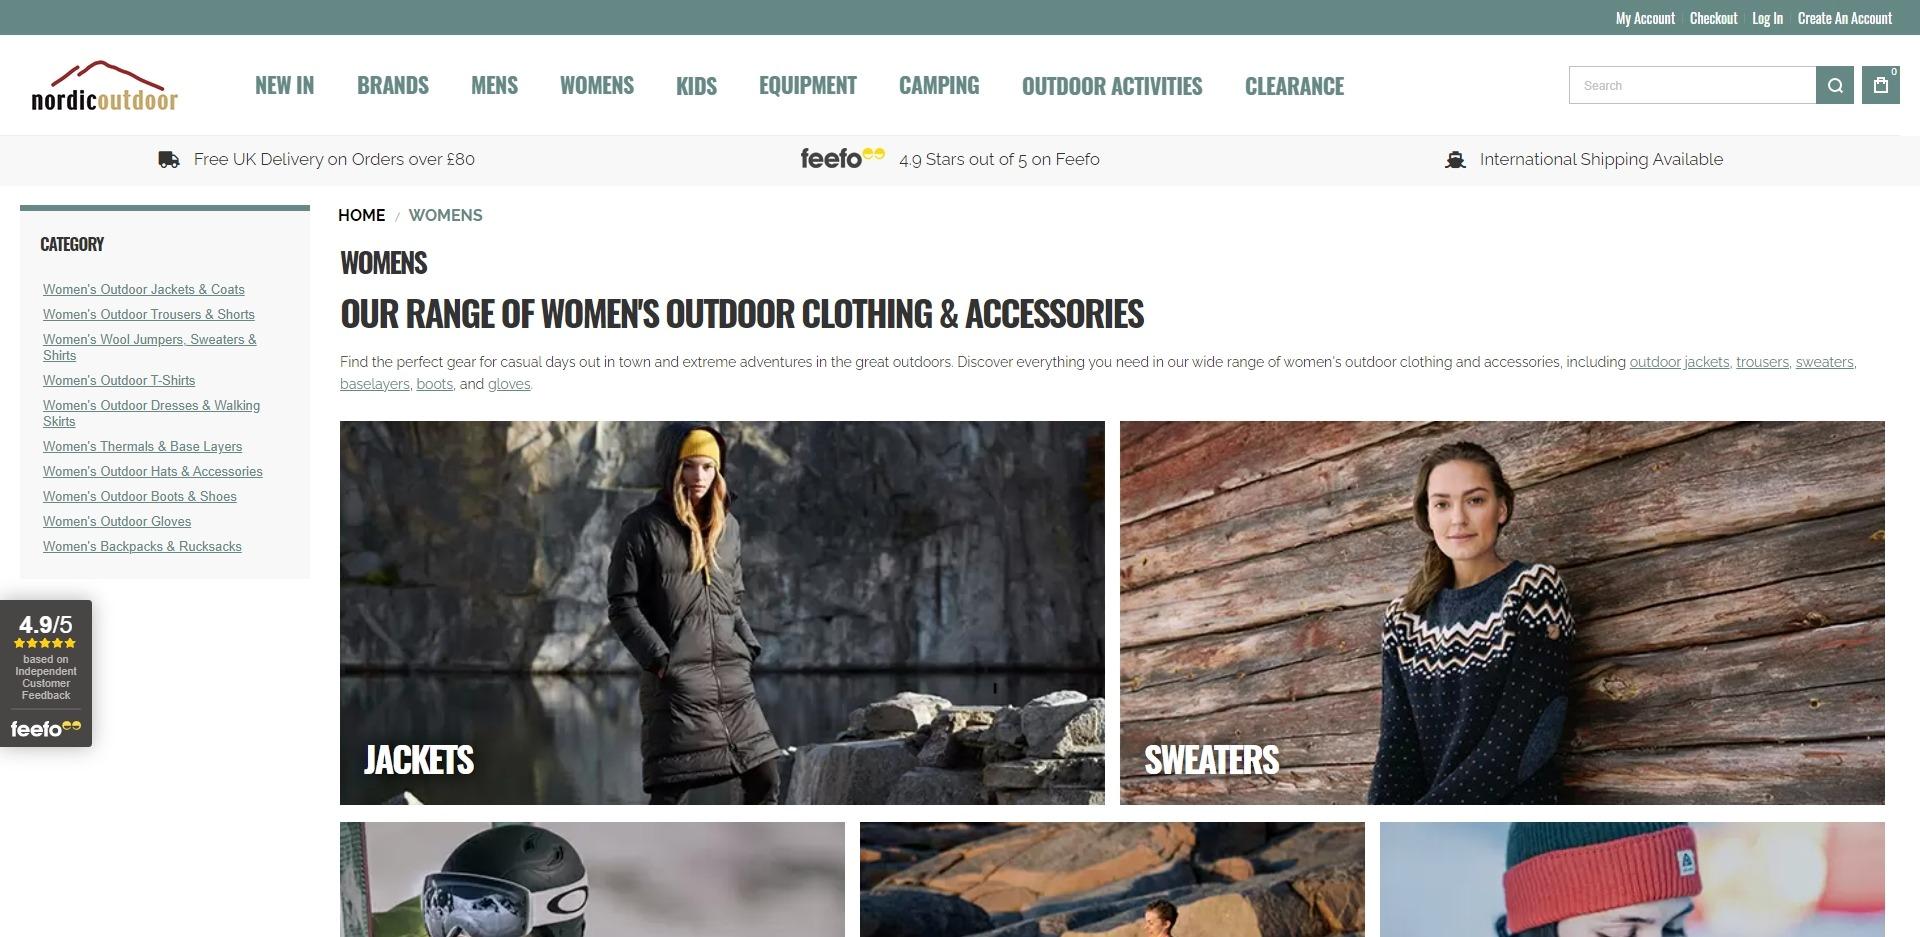 Nordic Outdoor Website Development Categories